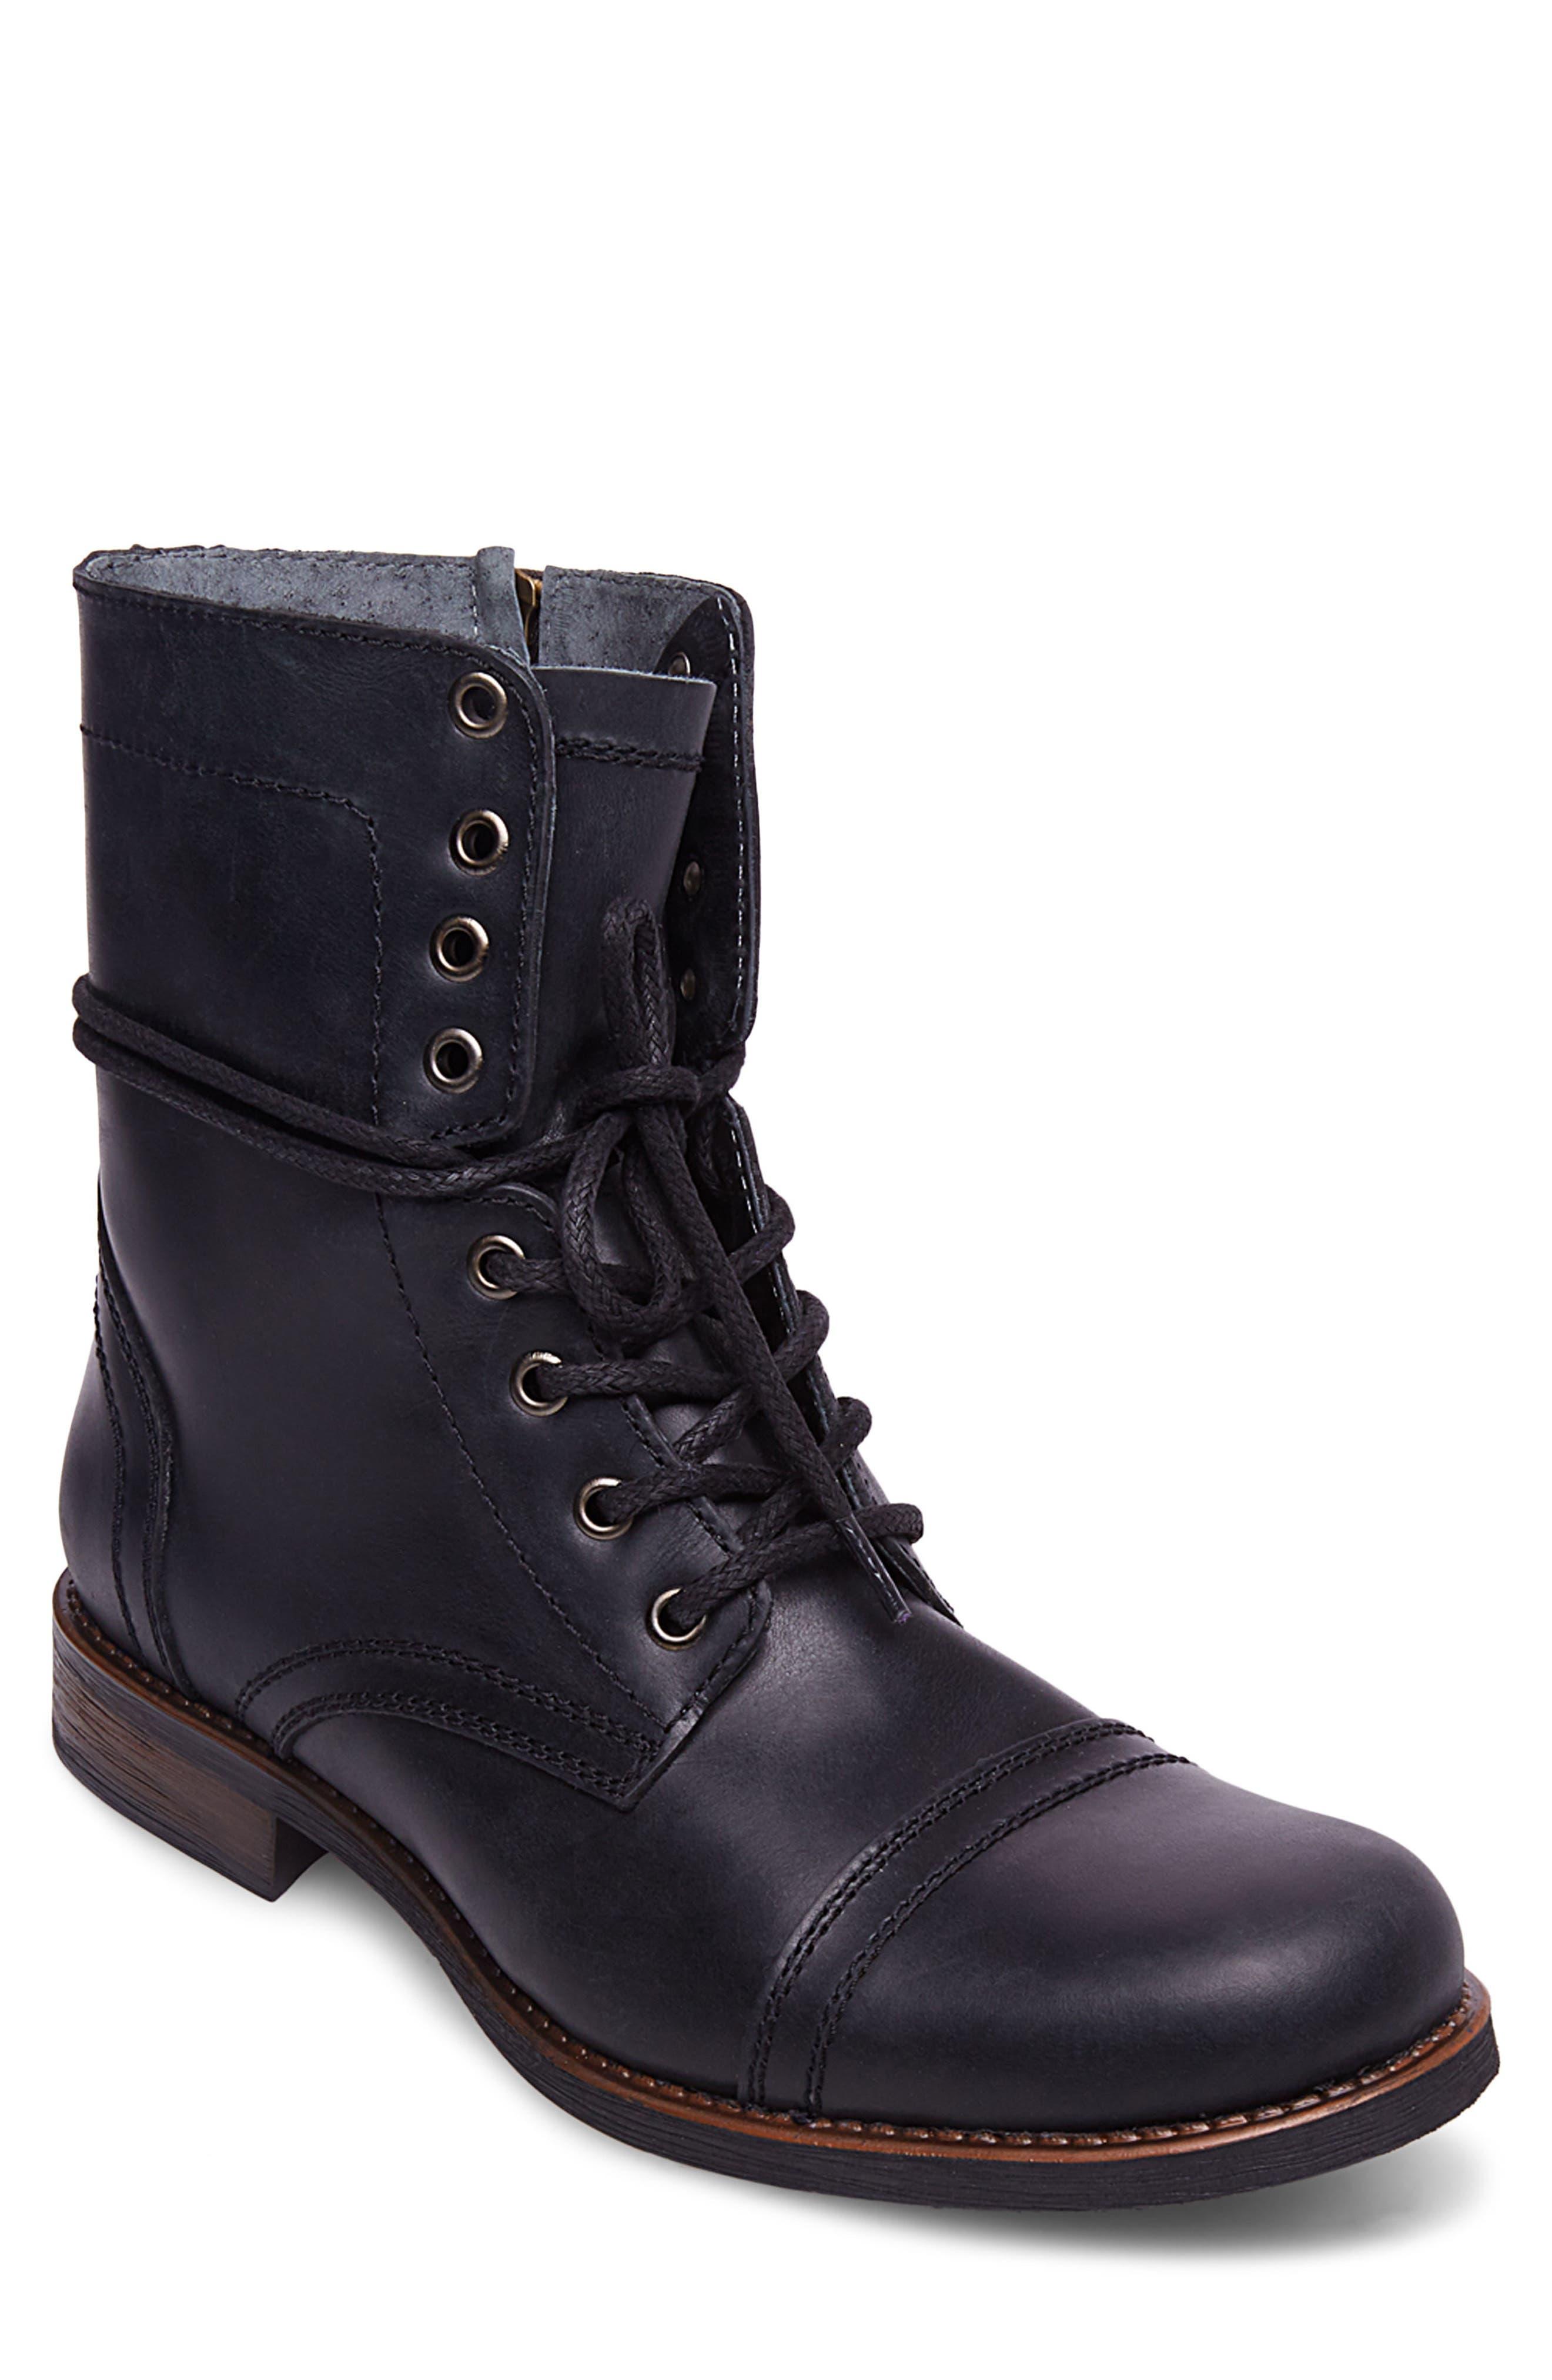 Steve Madden Troopah-C Cap Toe Boot- Black